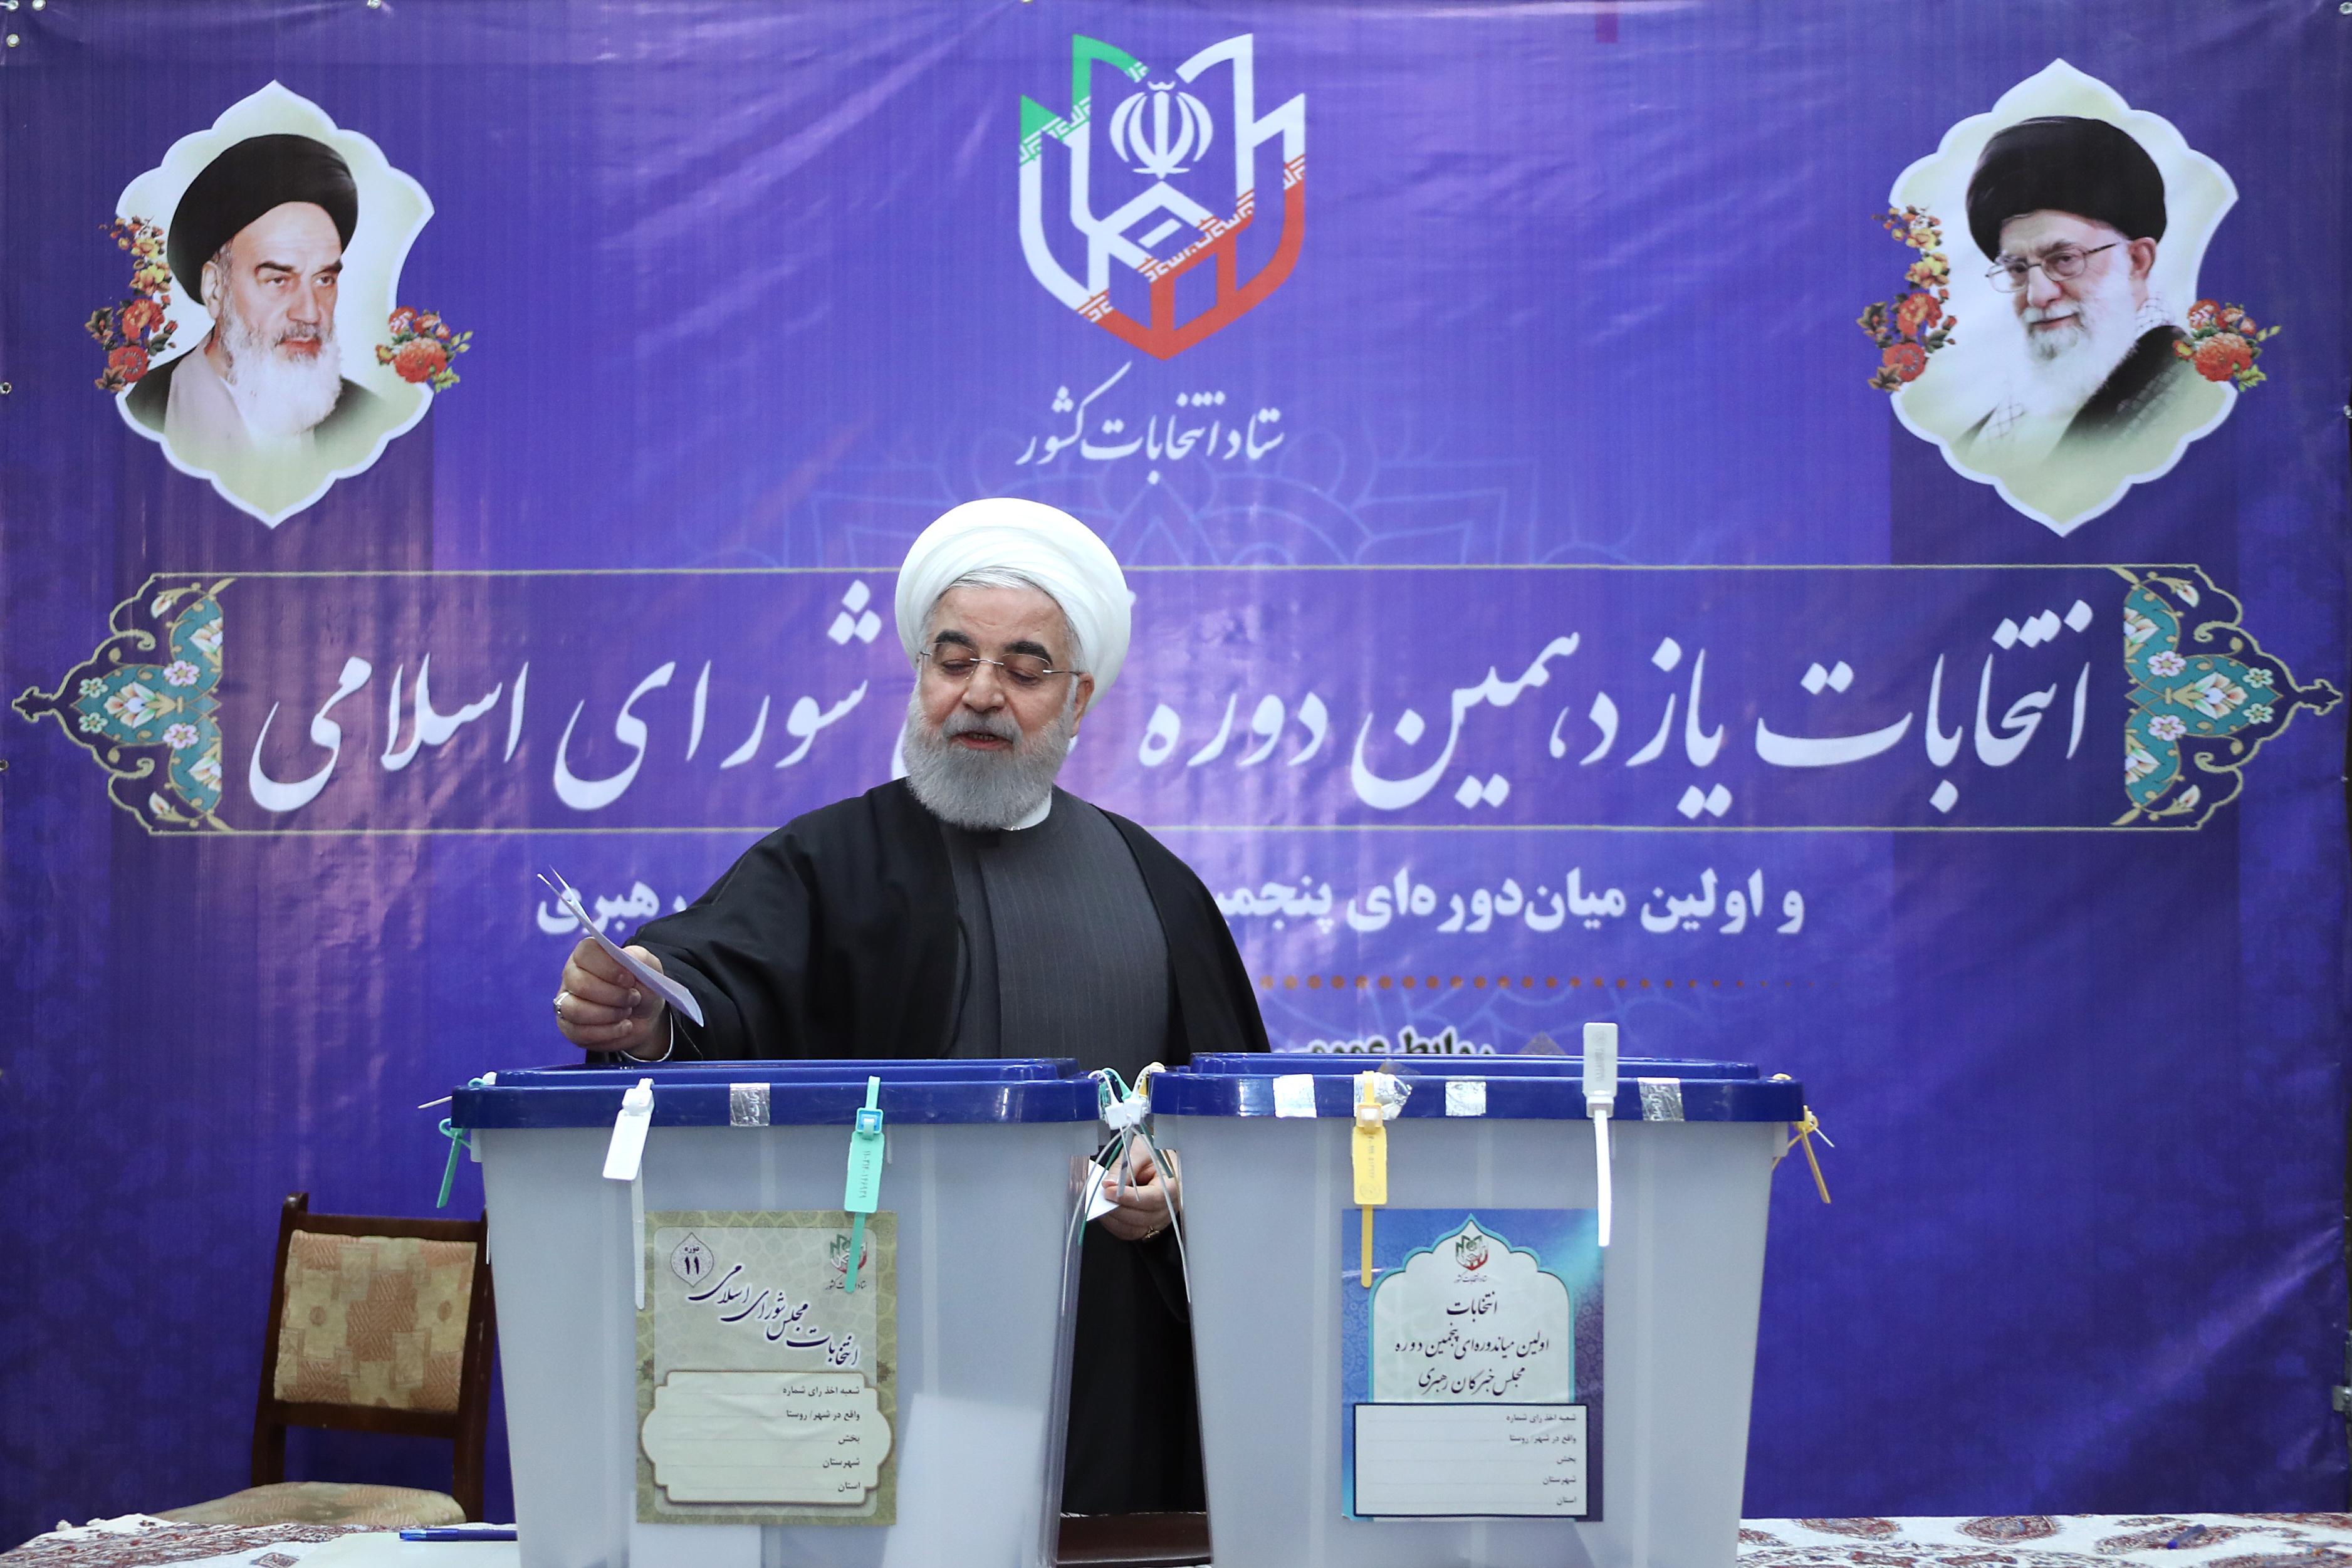 أسئلة جزائرية: الانتخابات البرلمانية كأداة لفهم مستقبل العلاقات بين إيران وأمريكا